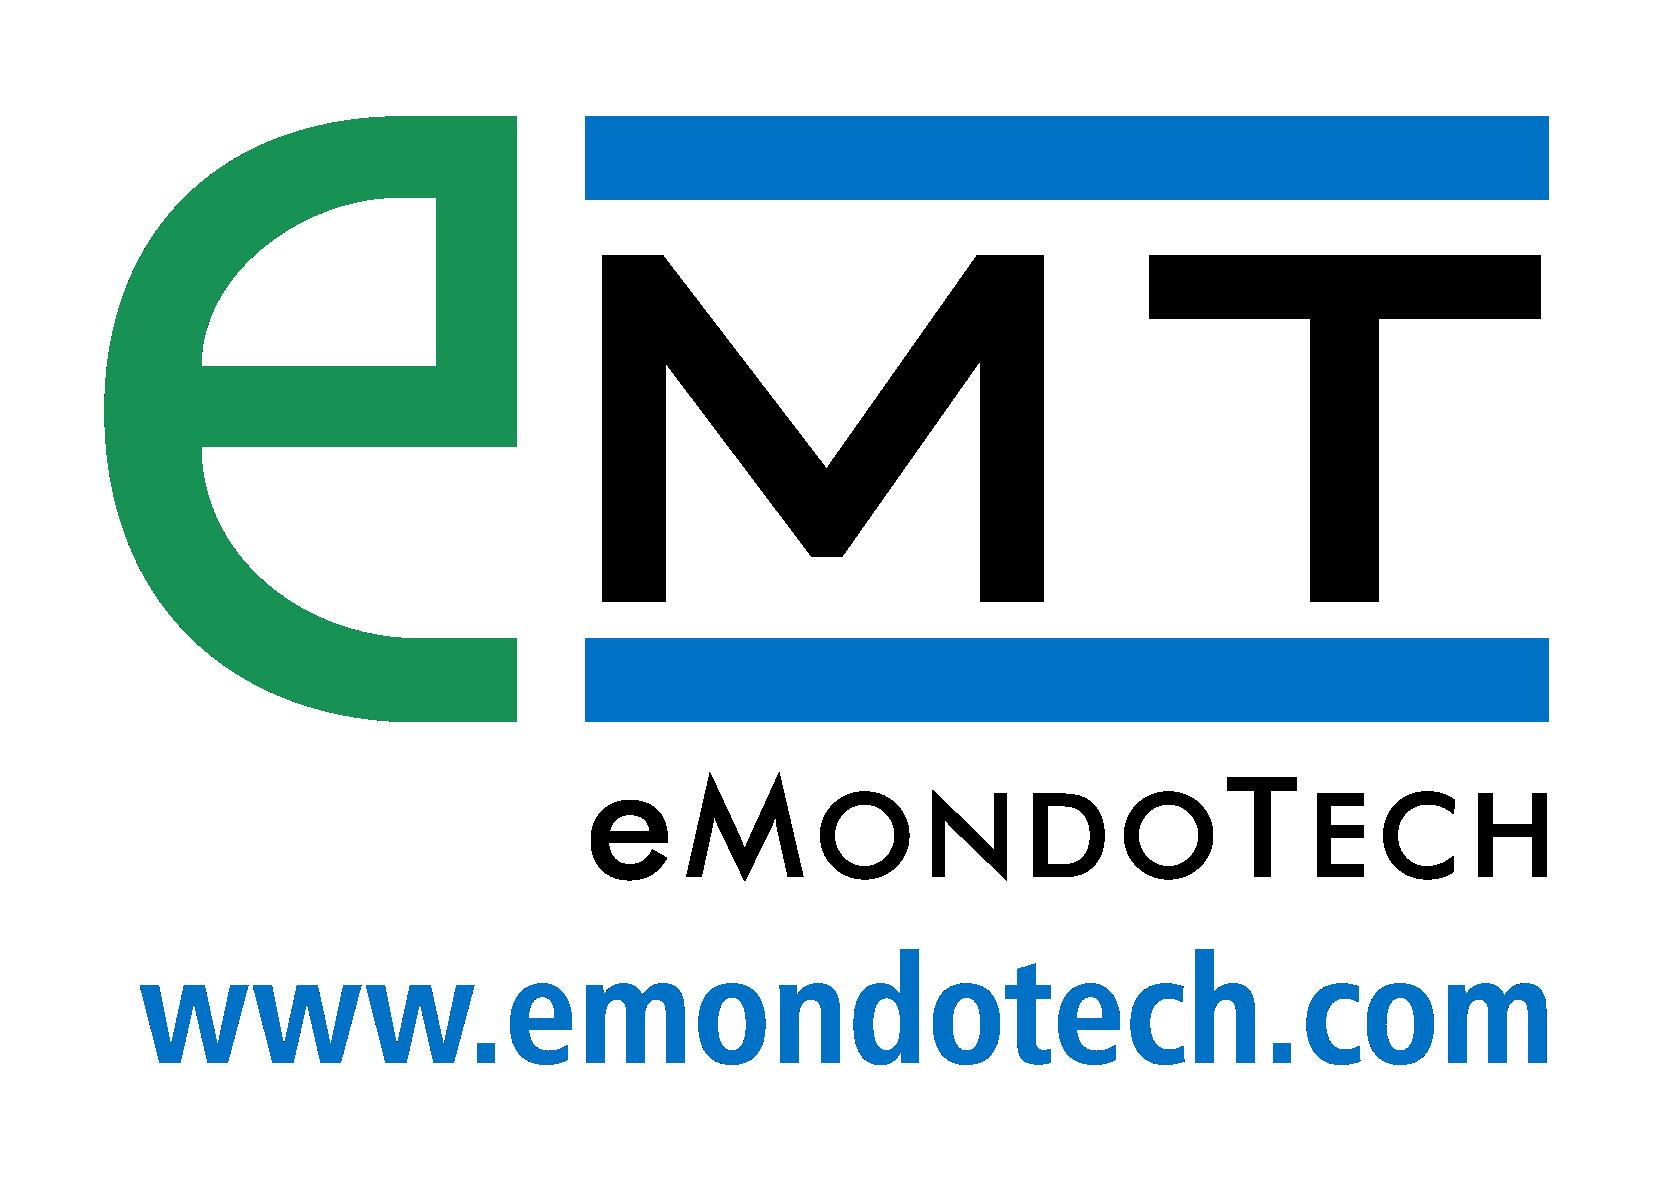 Loghi e disegni di eMondoTech